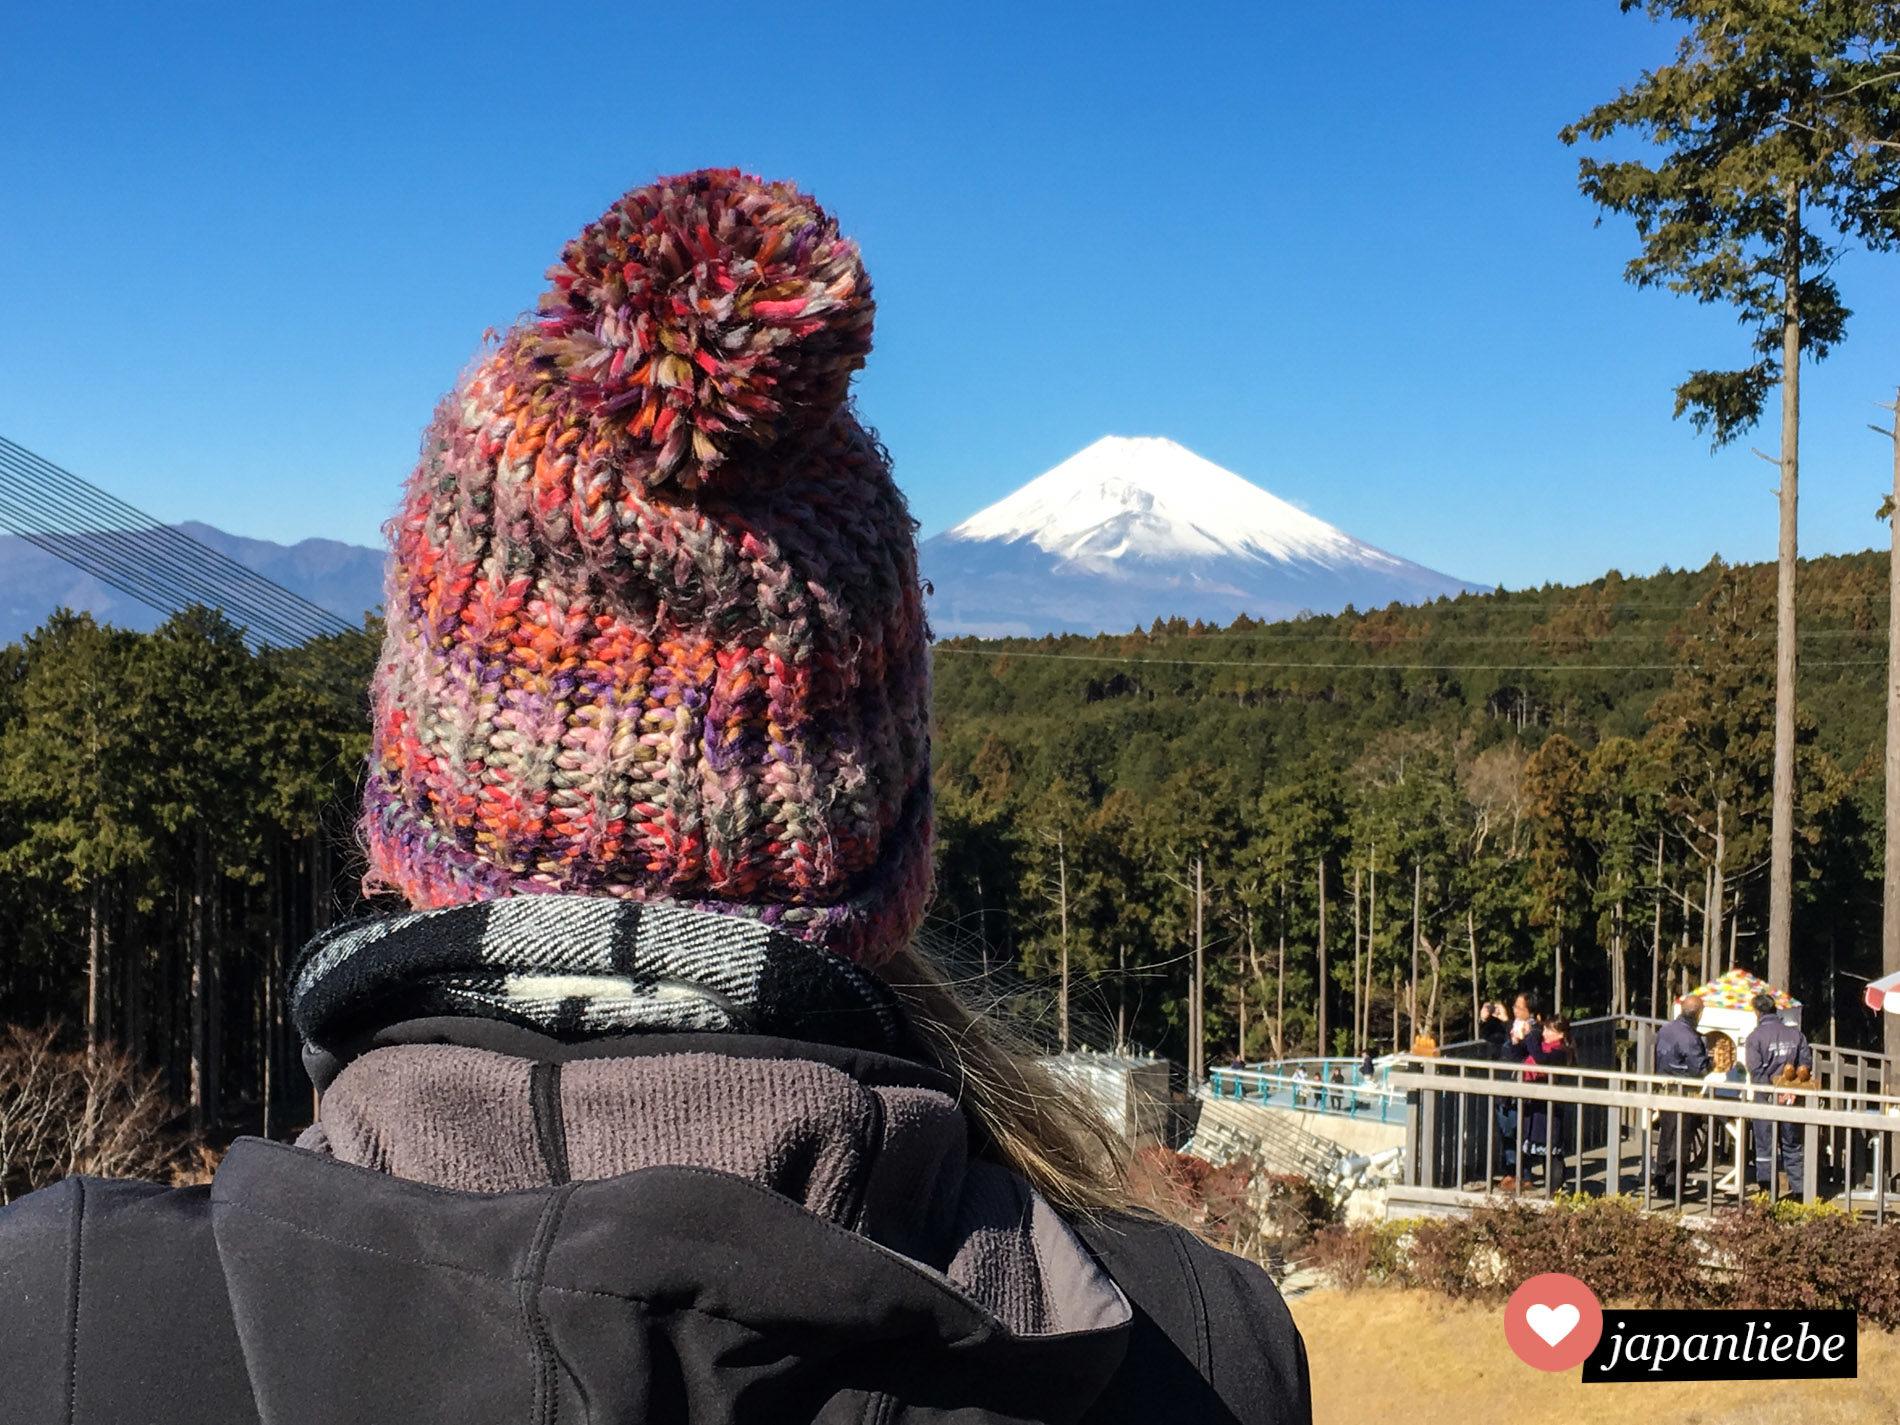 Der Mishima Skywalk ist Japans längste Hängebrücke. Bei klarem Wetter hat man von dort aus einen tollen Blick auf den Fuji.